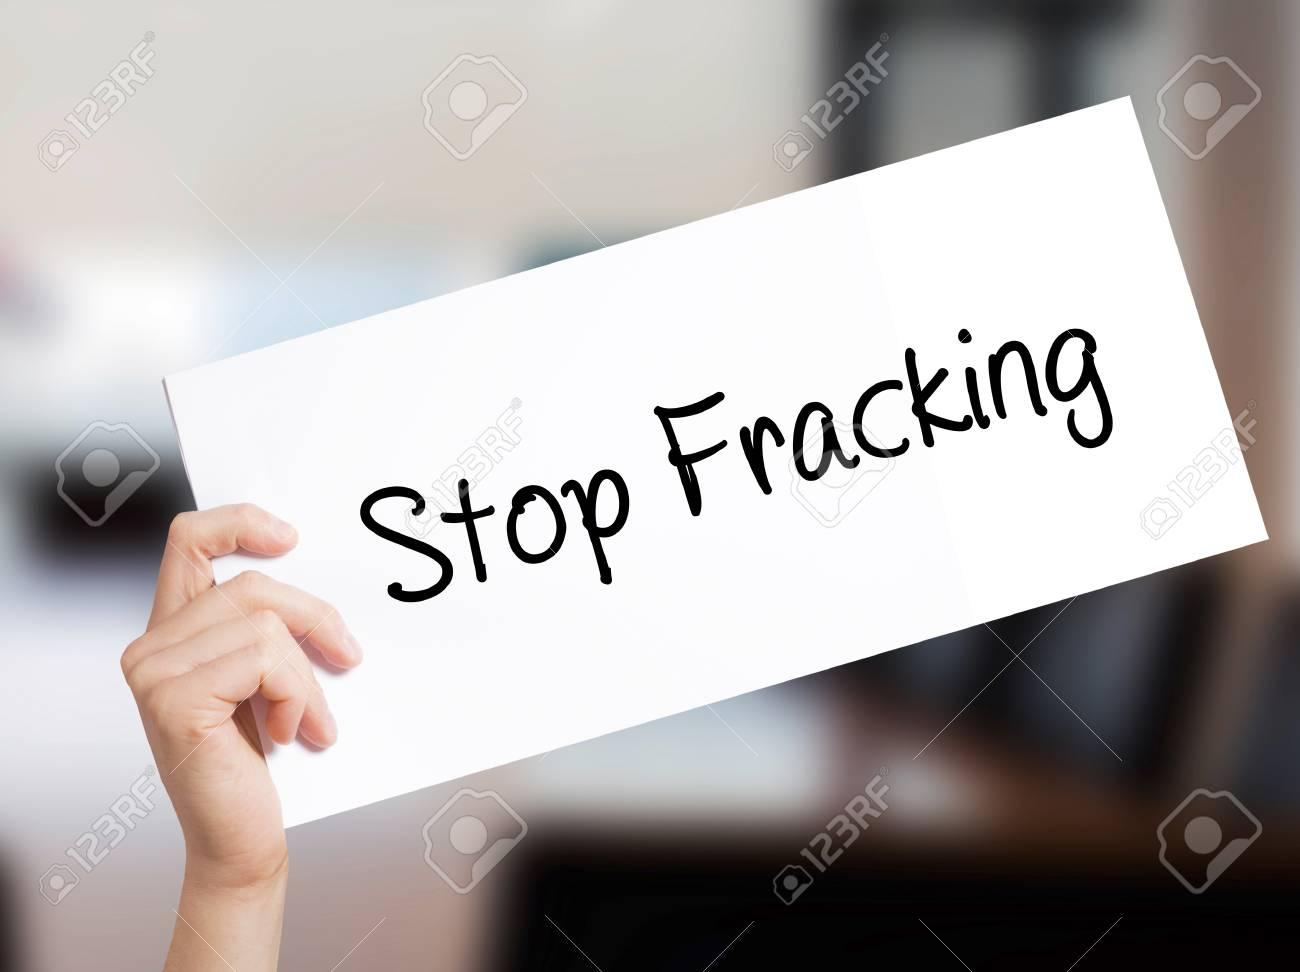 Detener La Seal De Fracking En Papel Blanco Mano Hombre F Stop Sosteniendo Con Texto